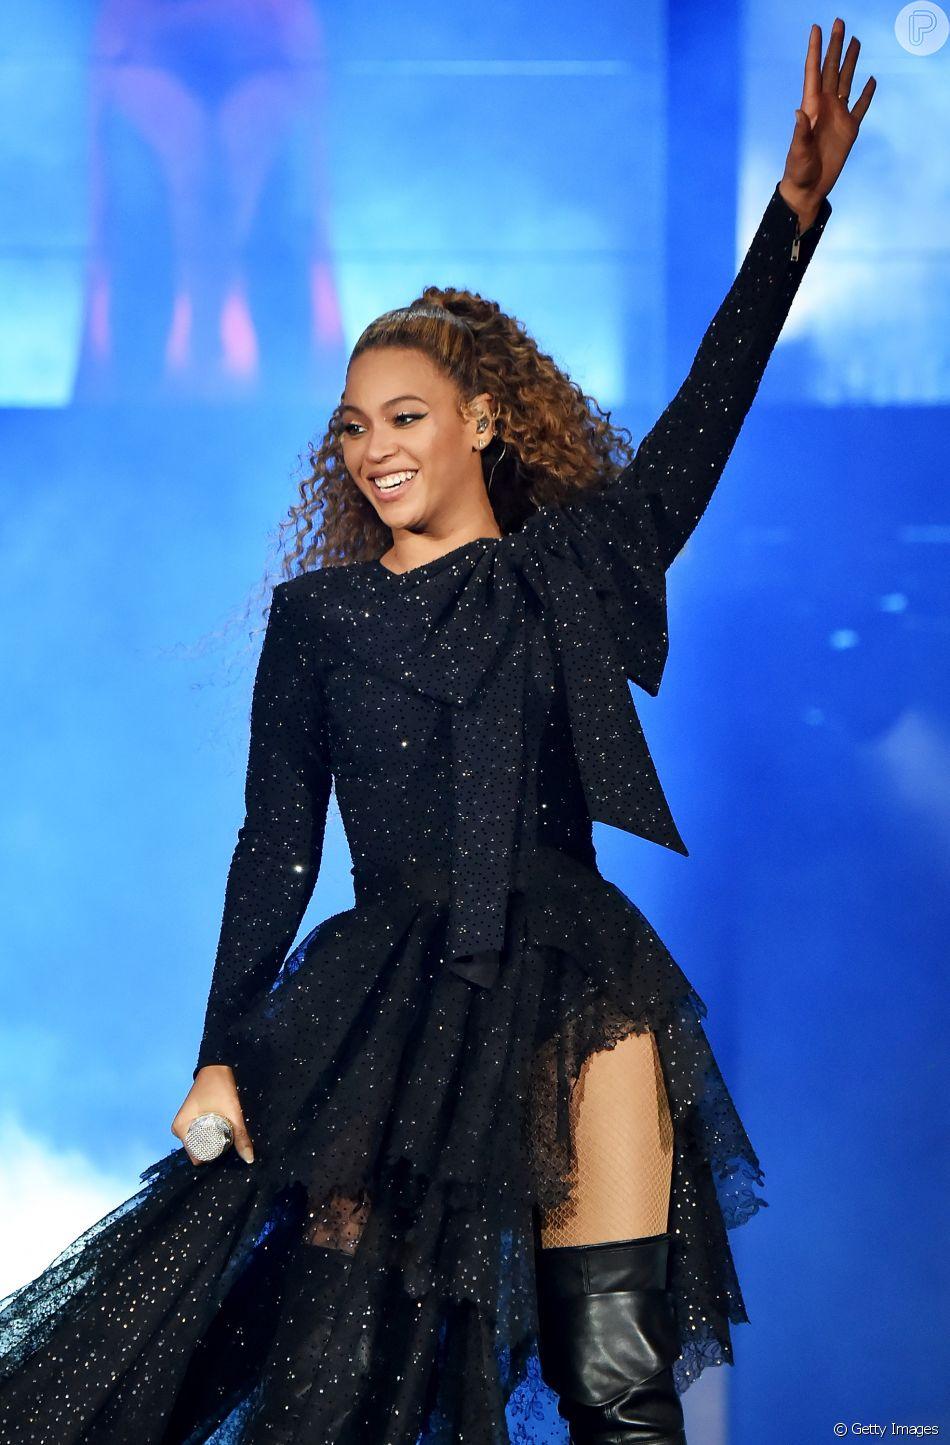 Crianças no colo de Beyoncé em telão de turnê não são os filhos gêmeos, esclarece representante da cantora nesta quinta-feira, dia 07 de junho de 2018